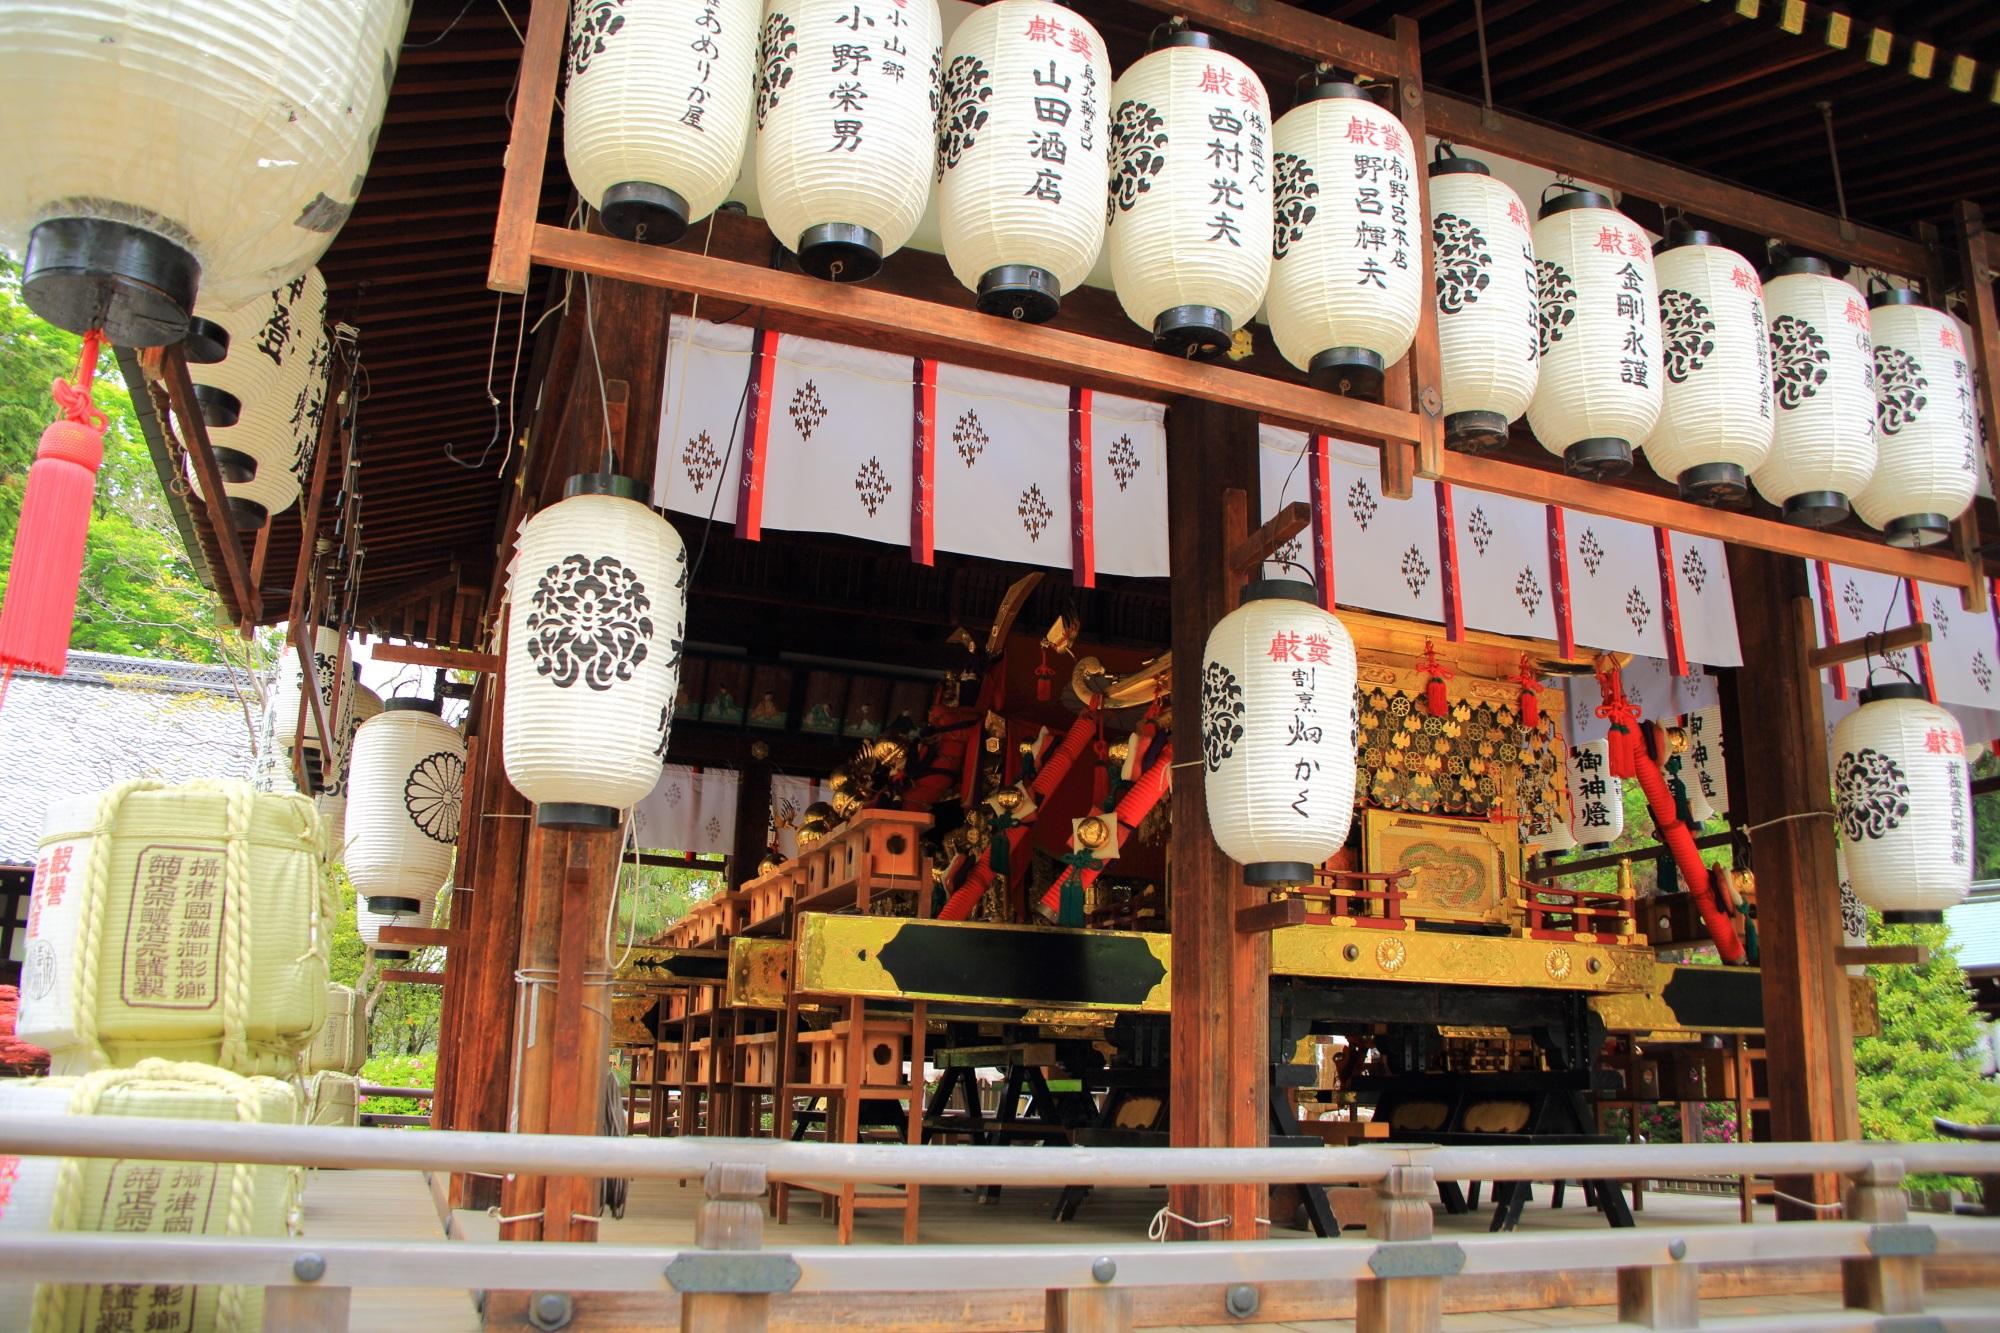 上御霊神社の拝殿に飾られる御霊祭で使われる御神輿